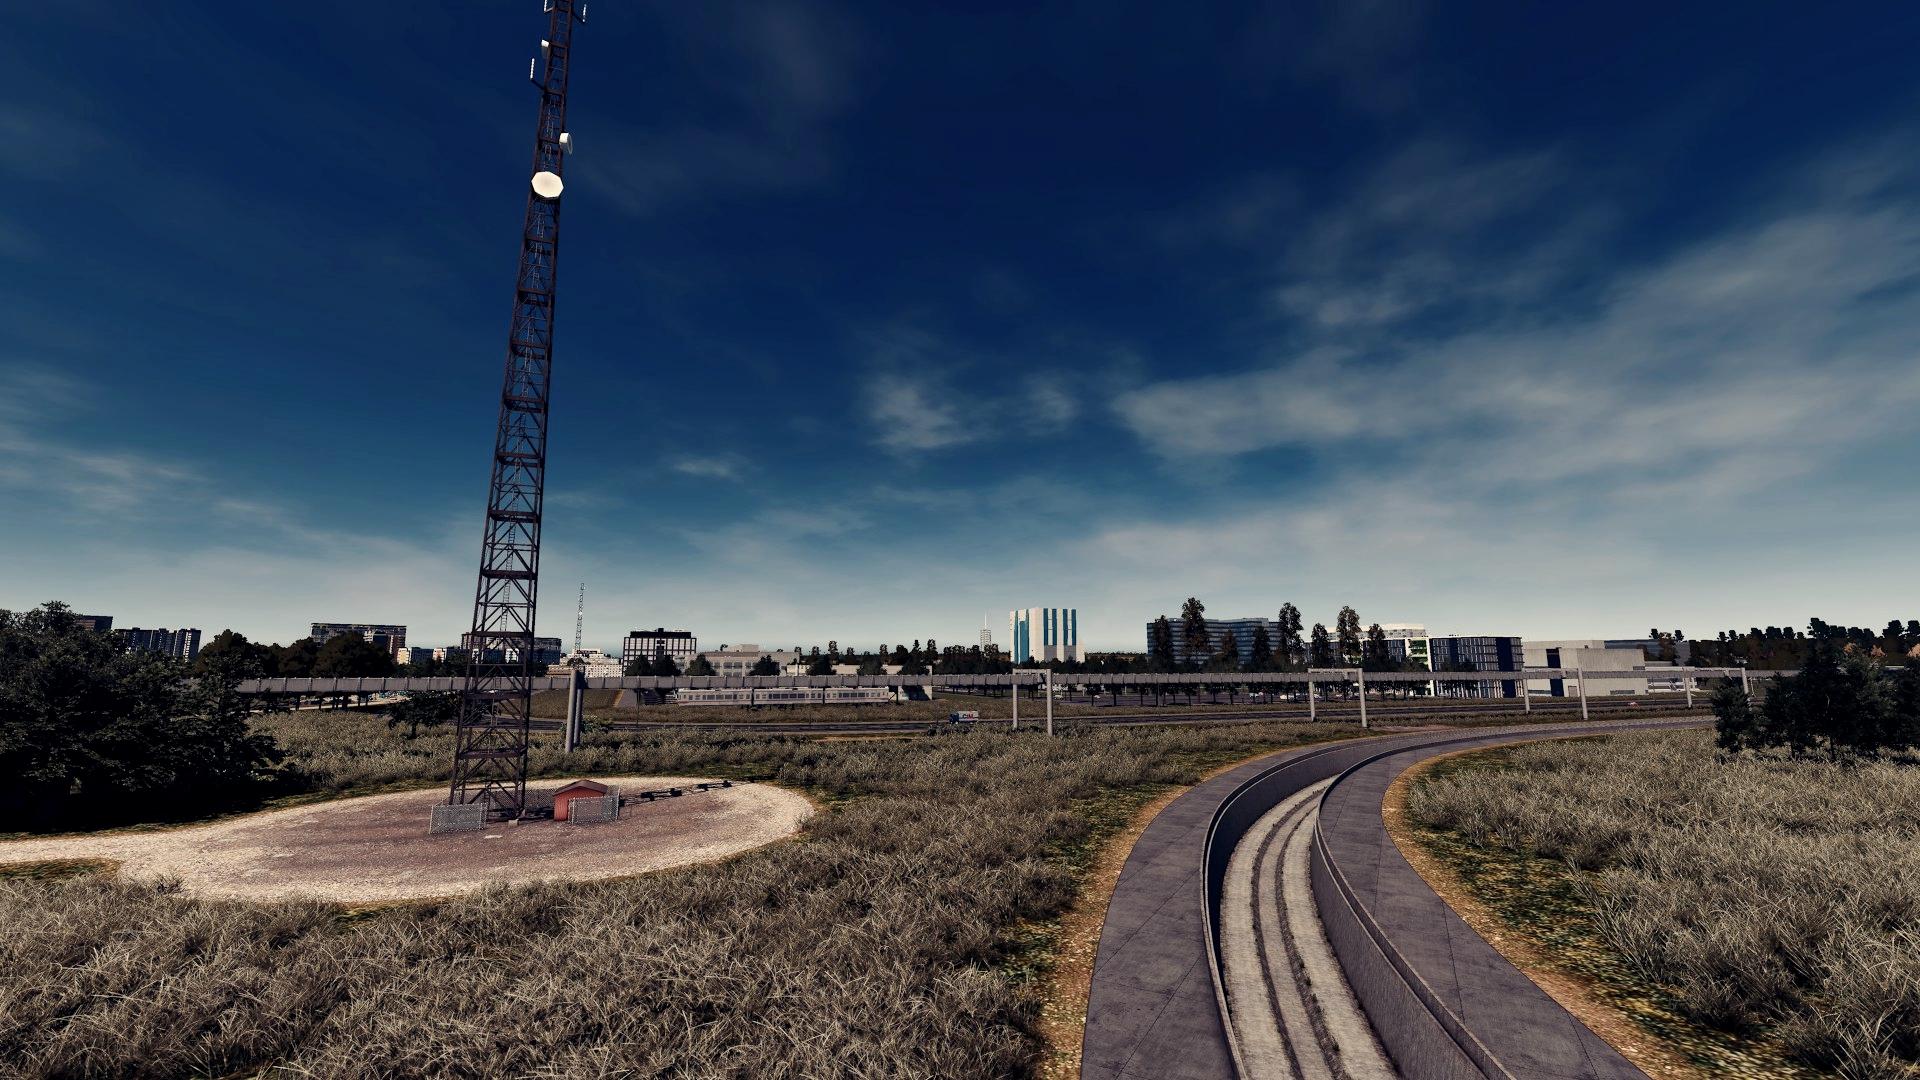 Djavolja Varos. (Maj complexe pétrolier p6, par industriel p5) à mettre à la corbeille sv - Page 3 180827112115863380